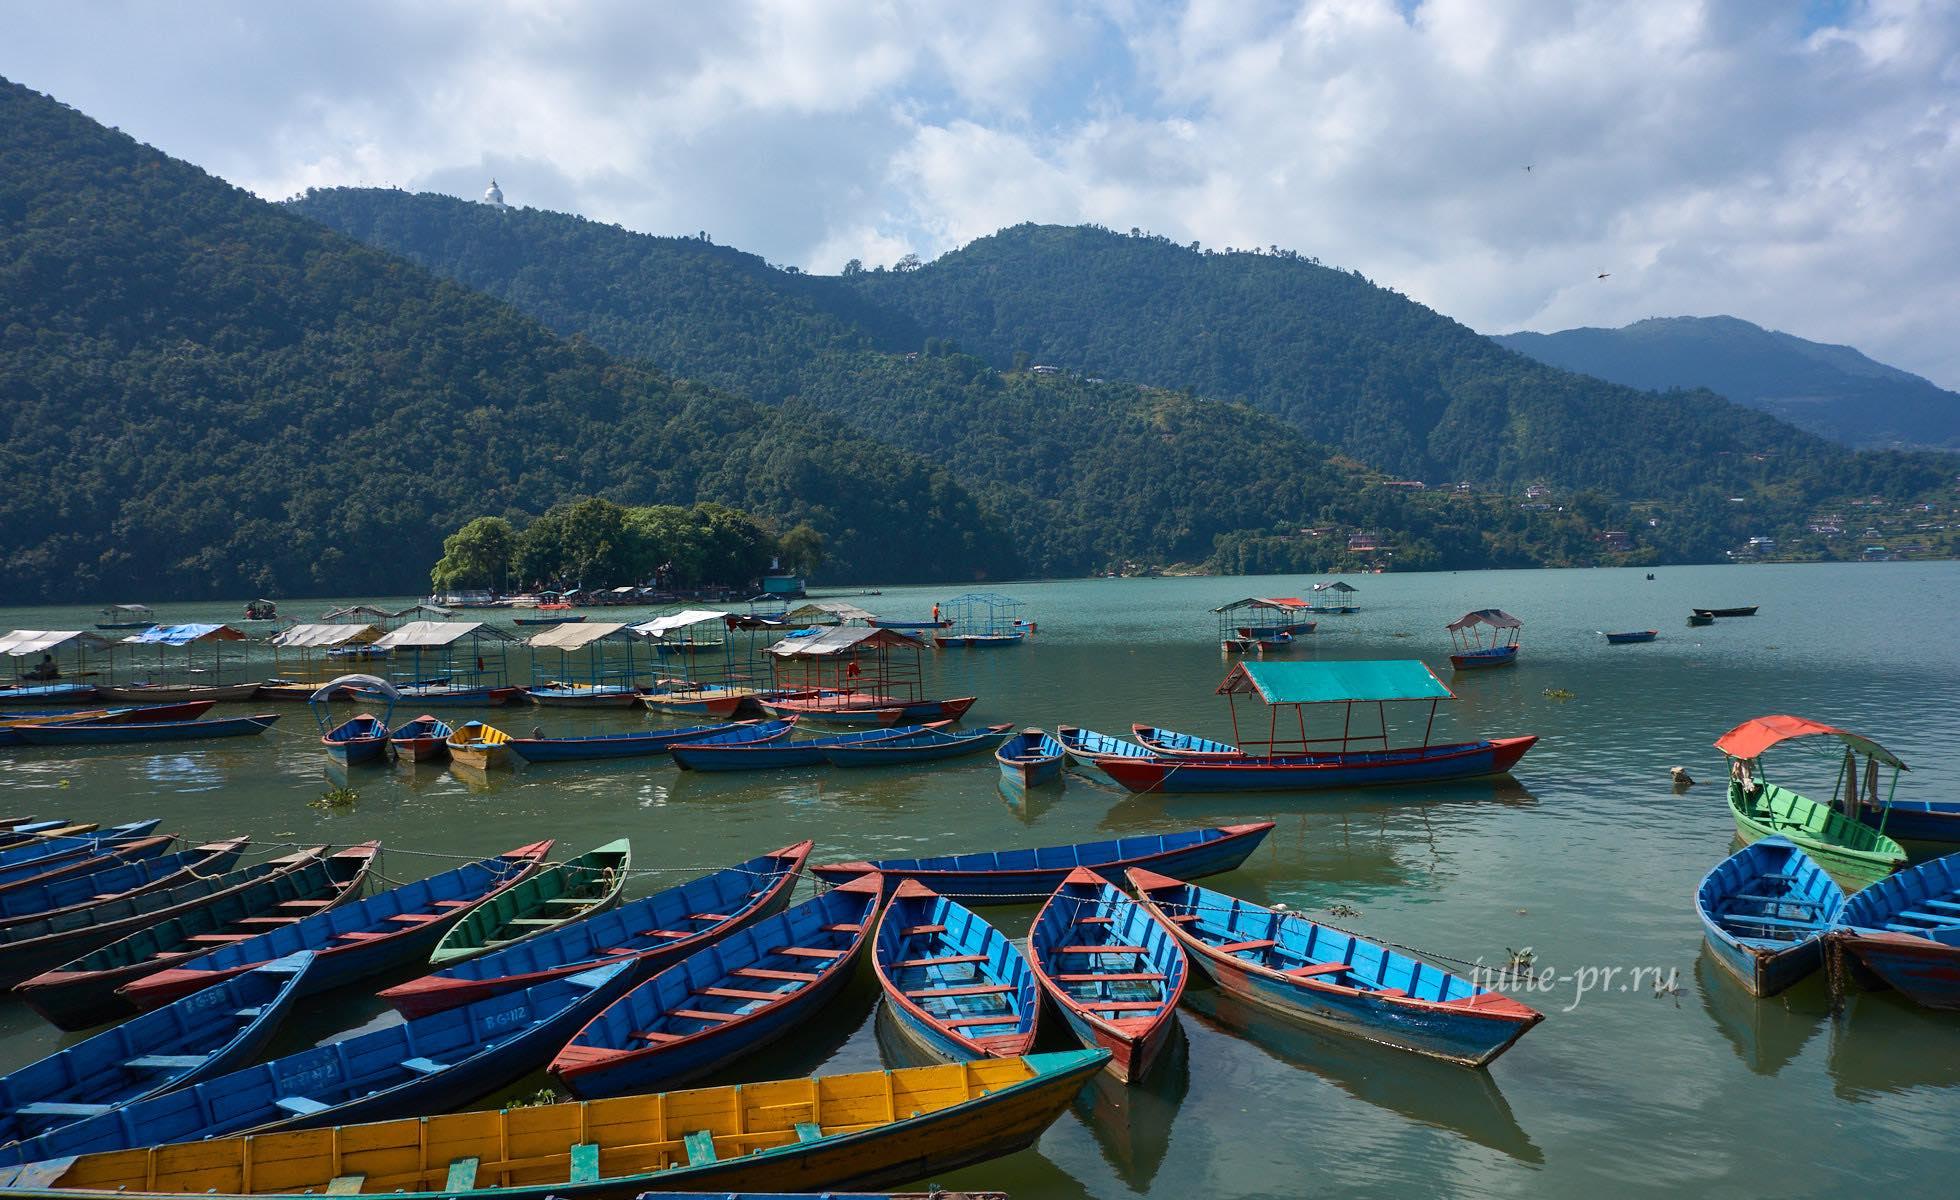 Непал, Покхара, озеро Phewa, лодки